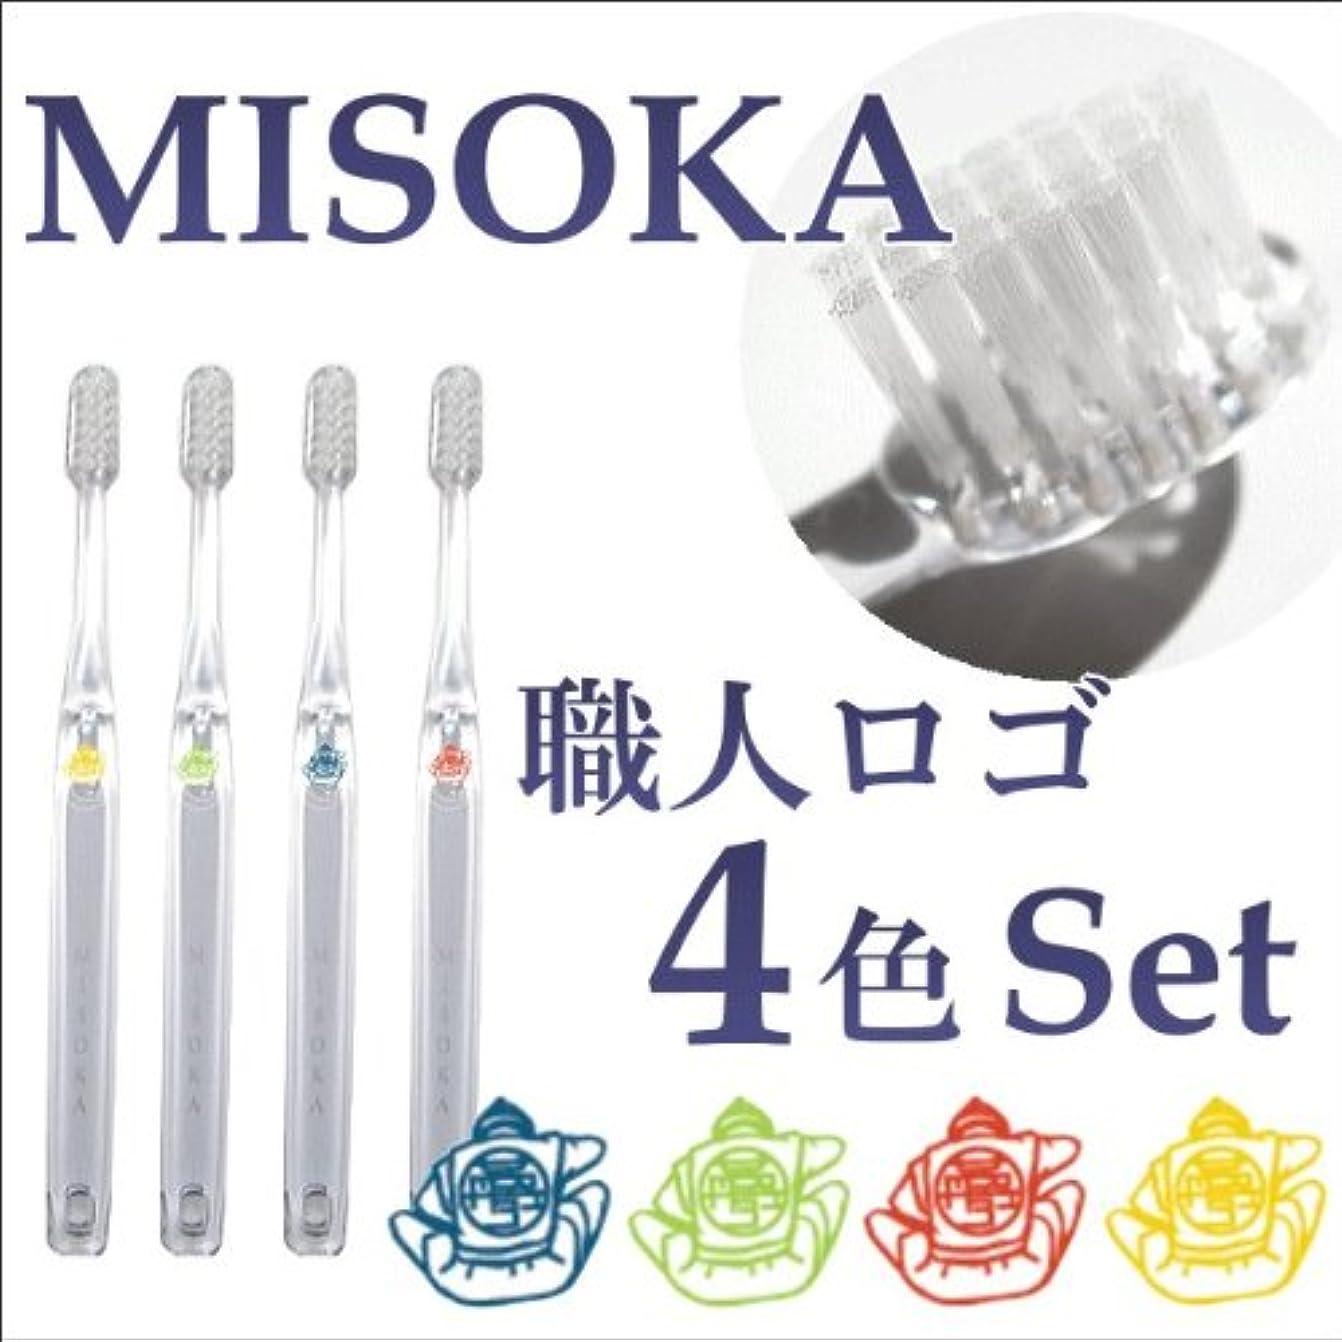 メンター削る非アクティブ「MISOKA」職人技の歯ブラシ ミソカ 職人ロゴ4色セット×2セット